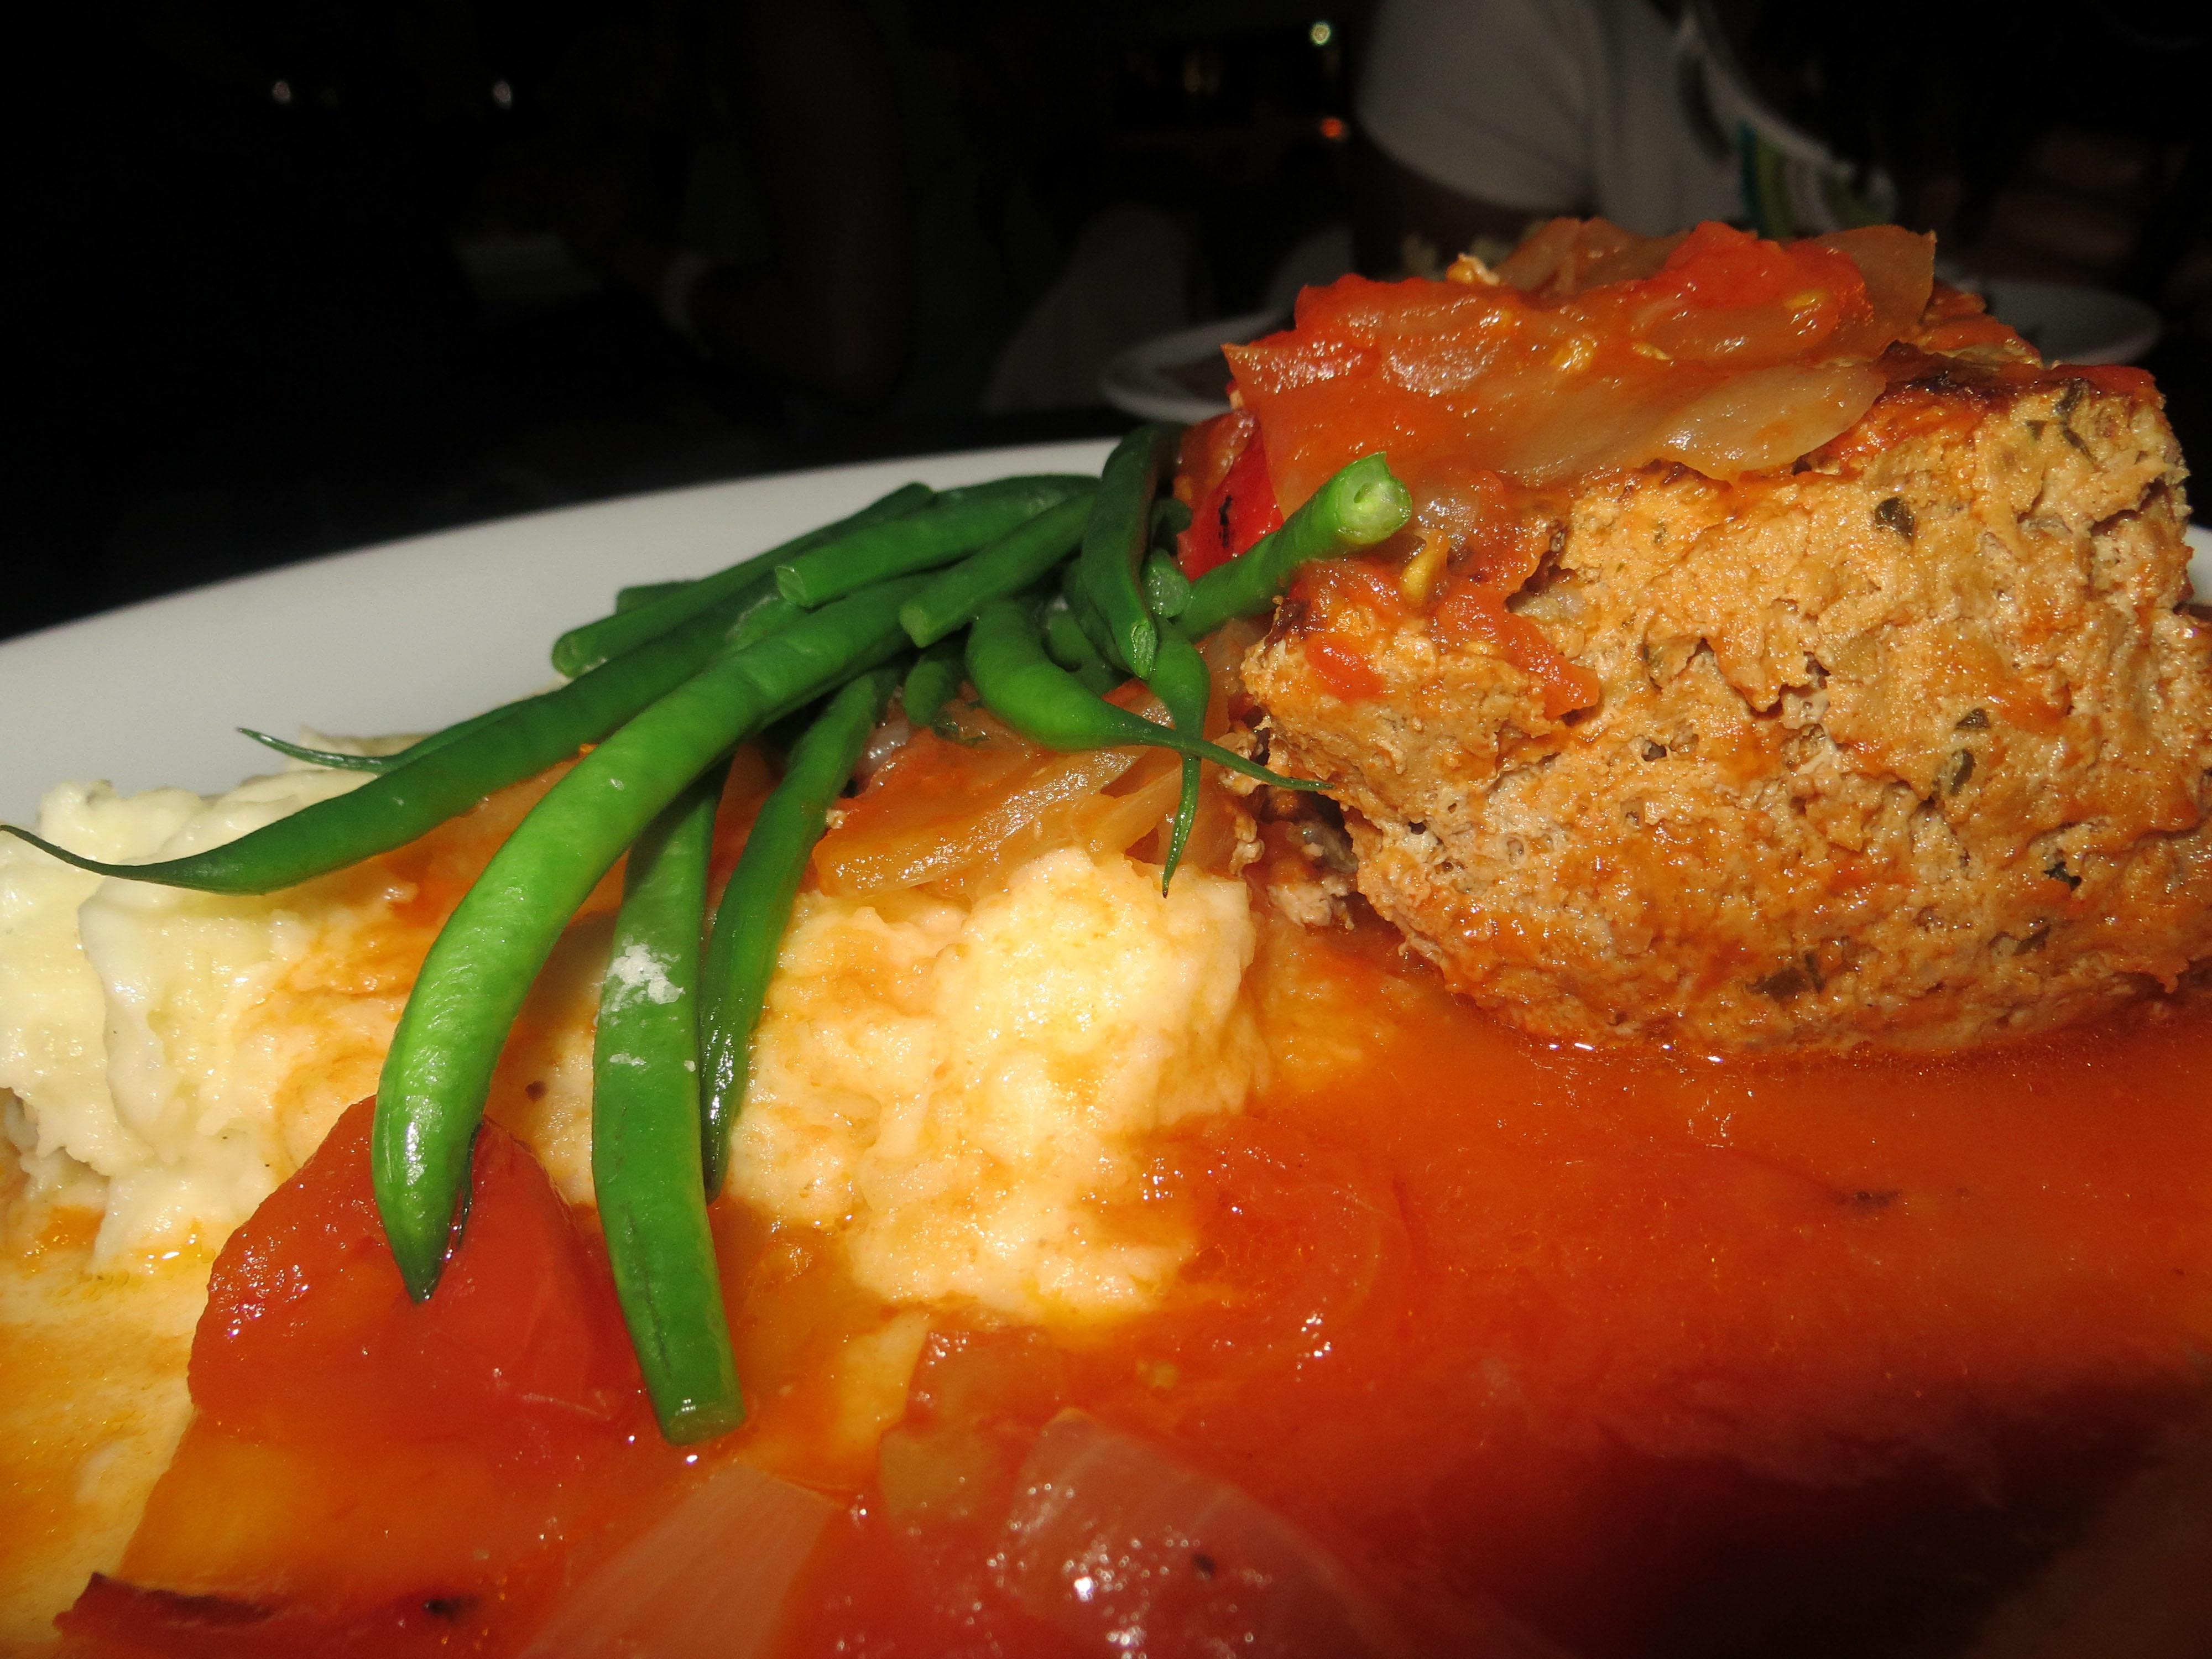 Cafeteria meatloaf